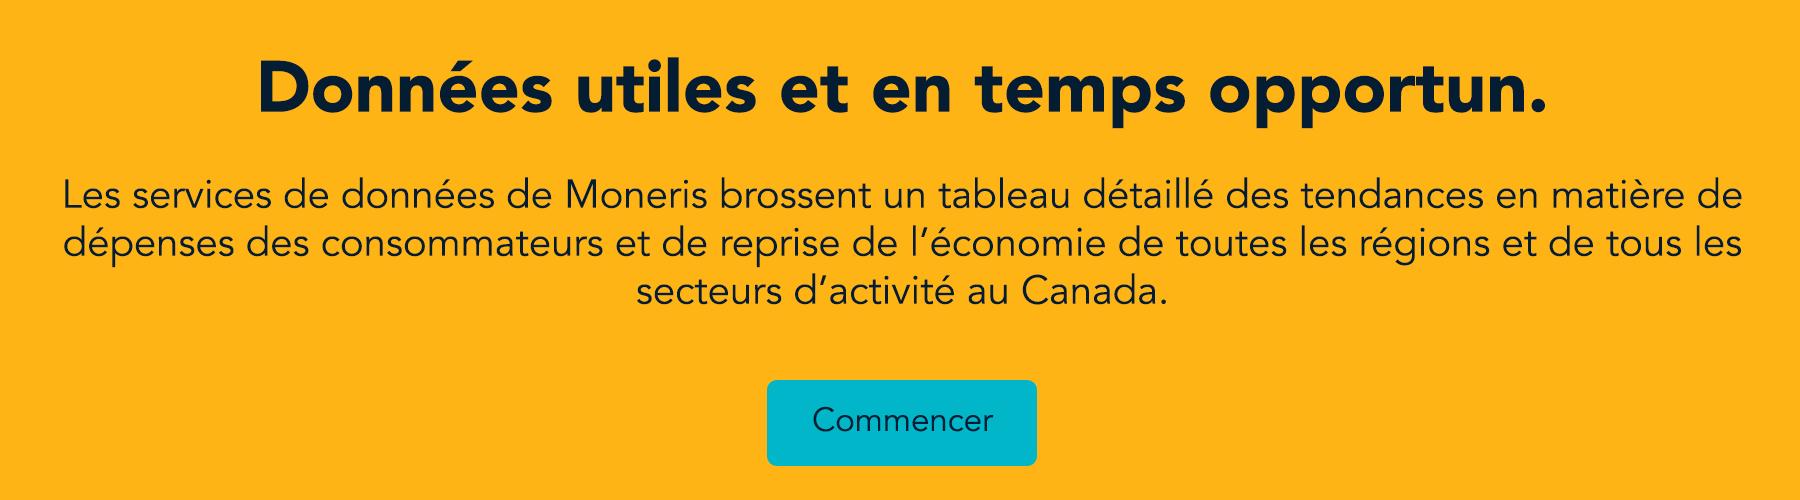 Données utiles et en temps opportun. Les services de données de Moneris brossent un tableau détaillé des tendances en matière de dépenses des consommateurs et de reprise de l'économie de toutes les régions et de tous les secteurs d'activité au Canada. Commencer.